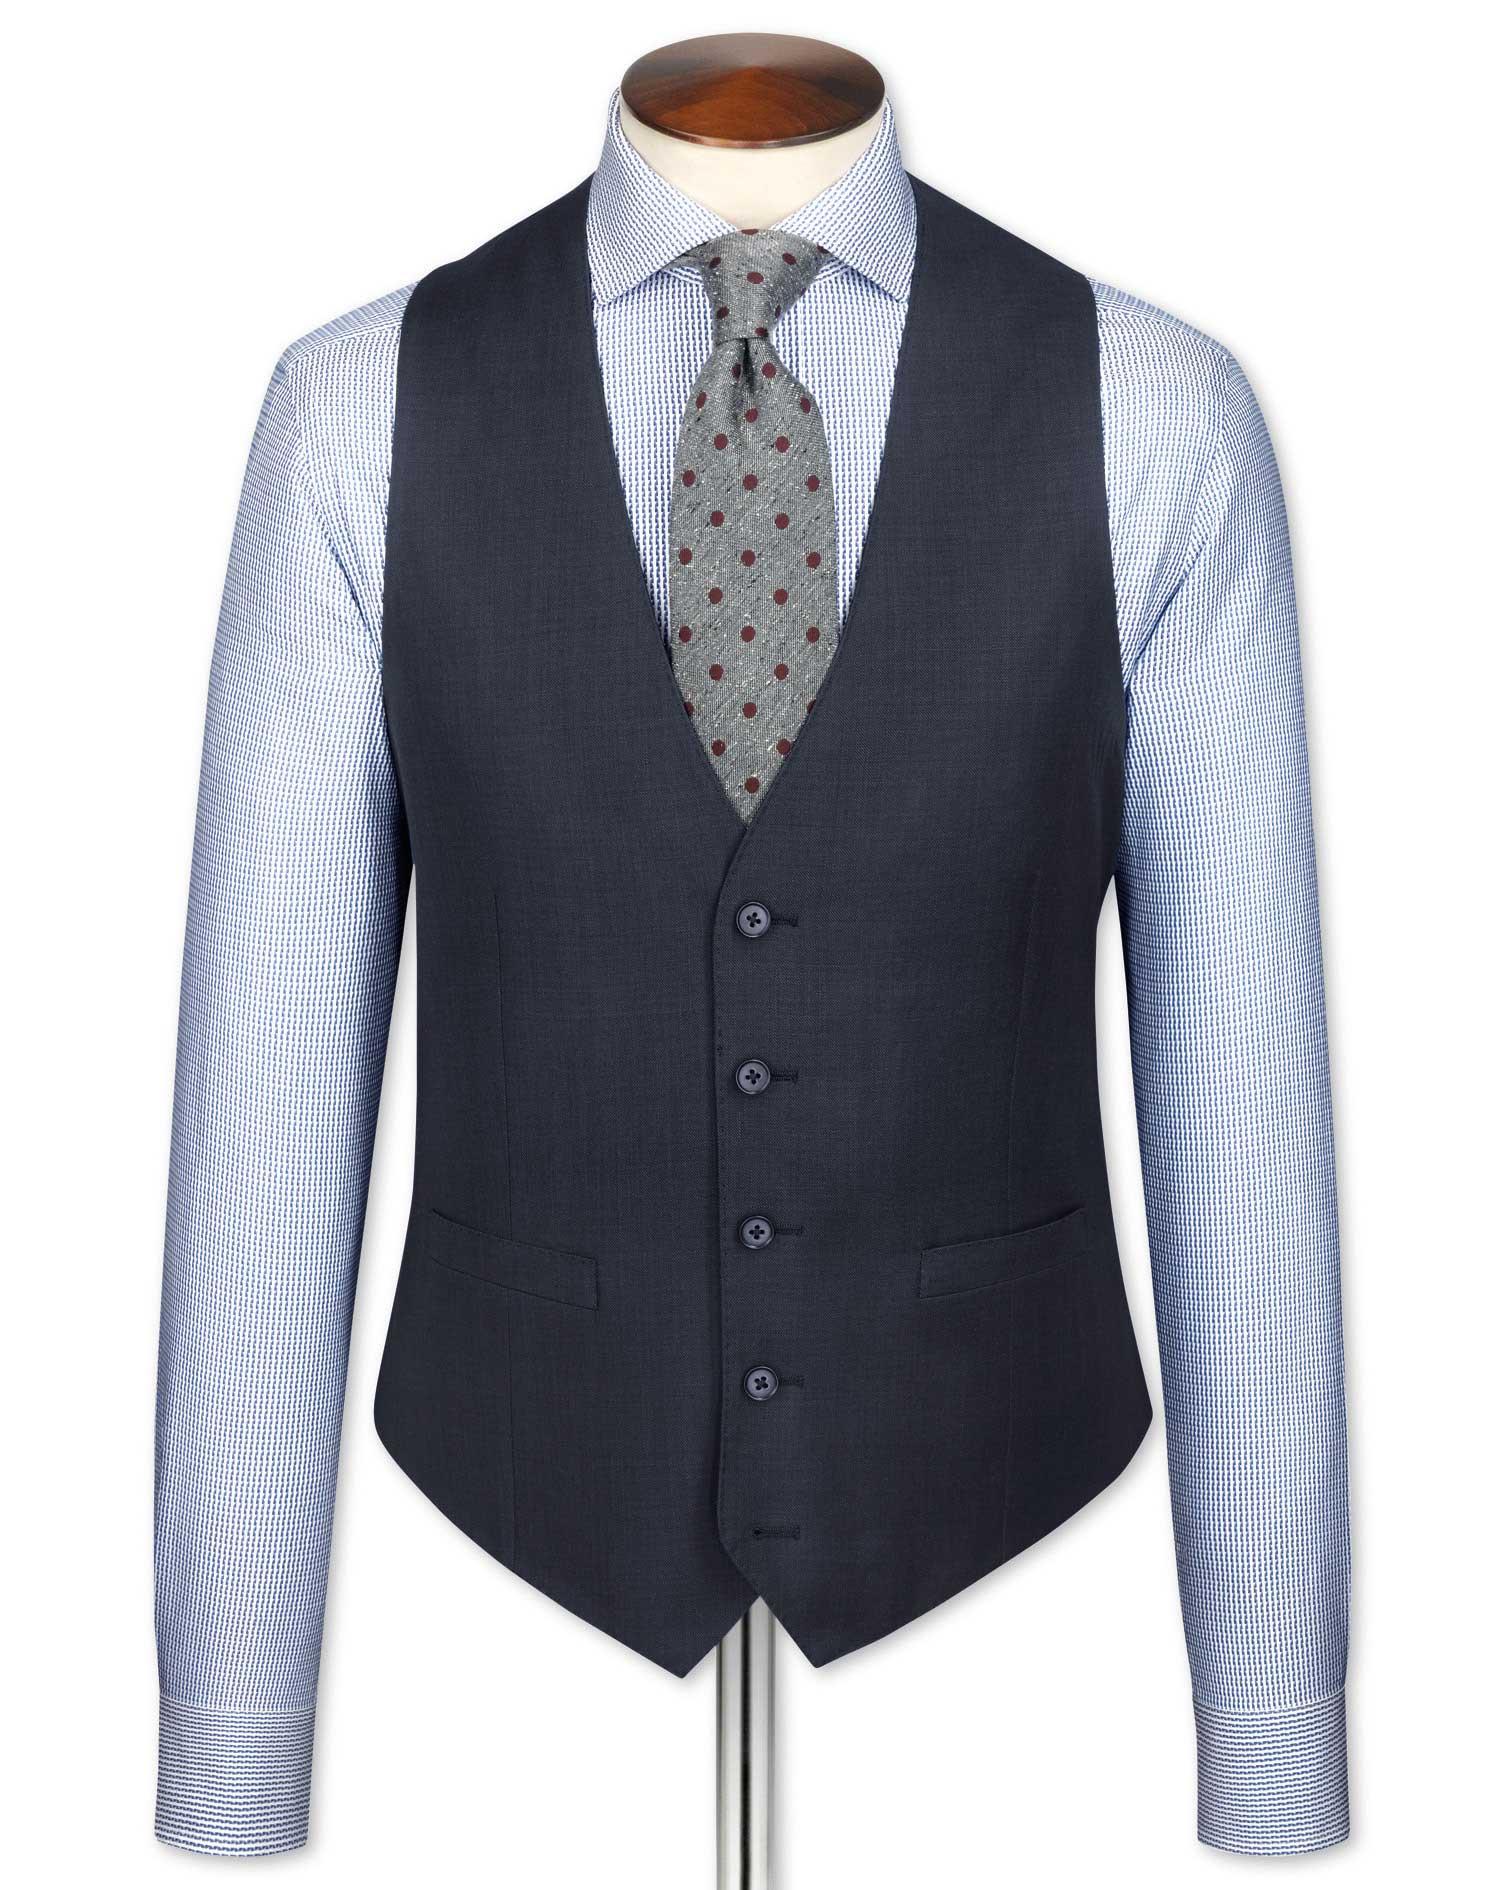 Blue Slim Fit Sharkskin Travel Suit Wool Waistcoat Size w40 by Charles Tyrwhitt